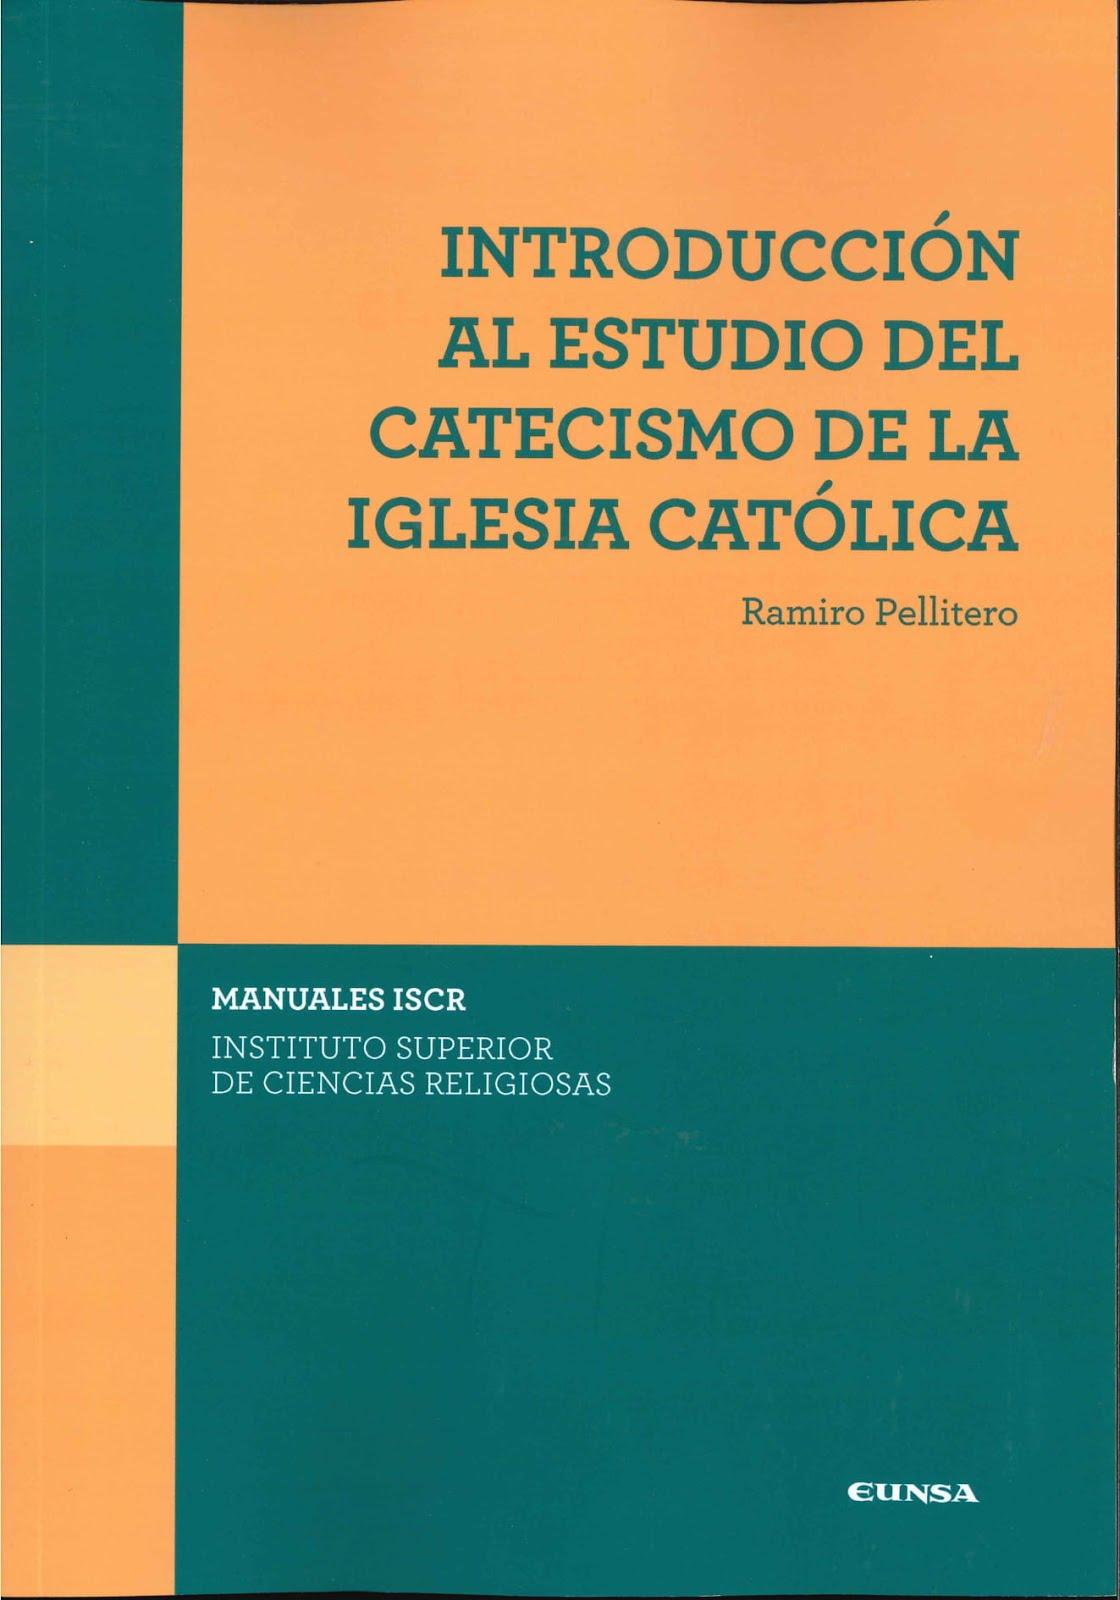 Introducción al estudio del Catecismo de la Iglesia Católica